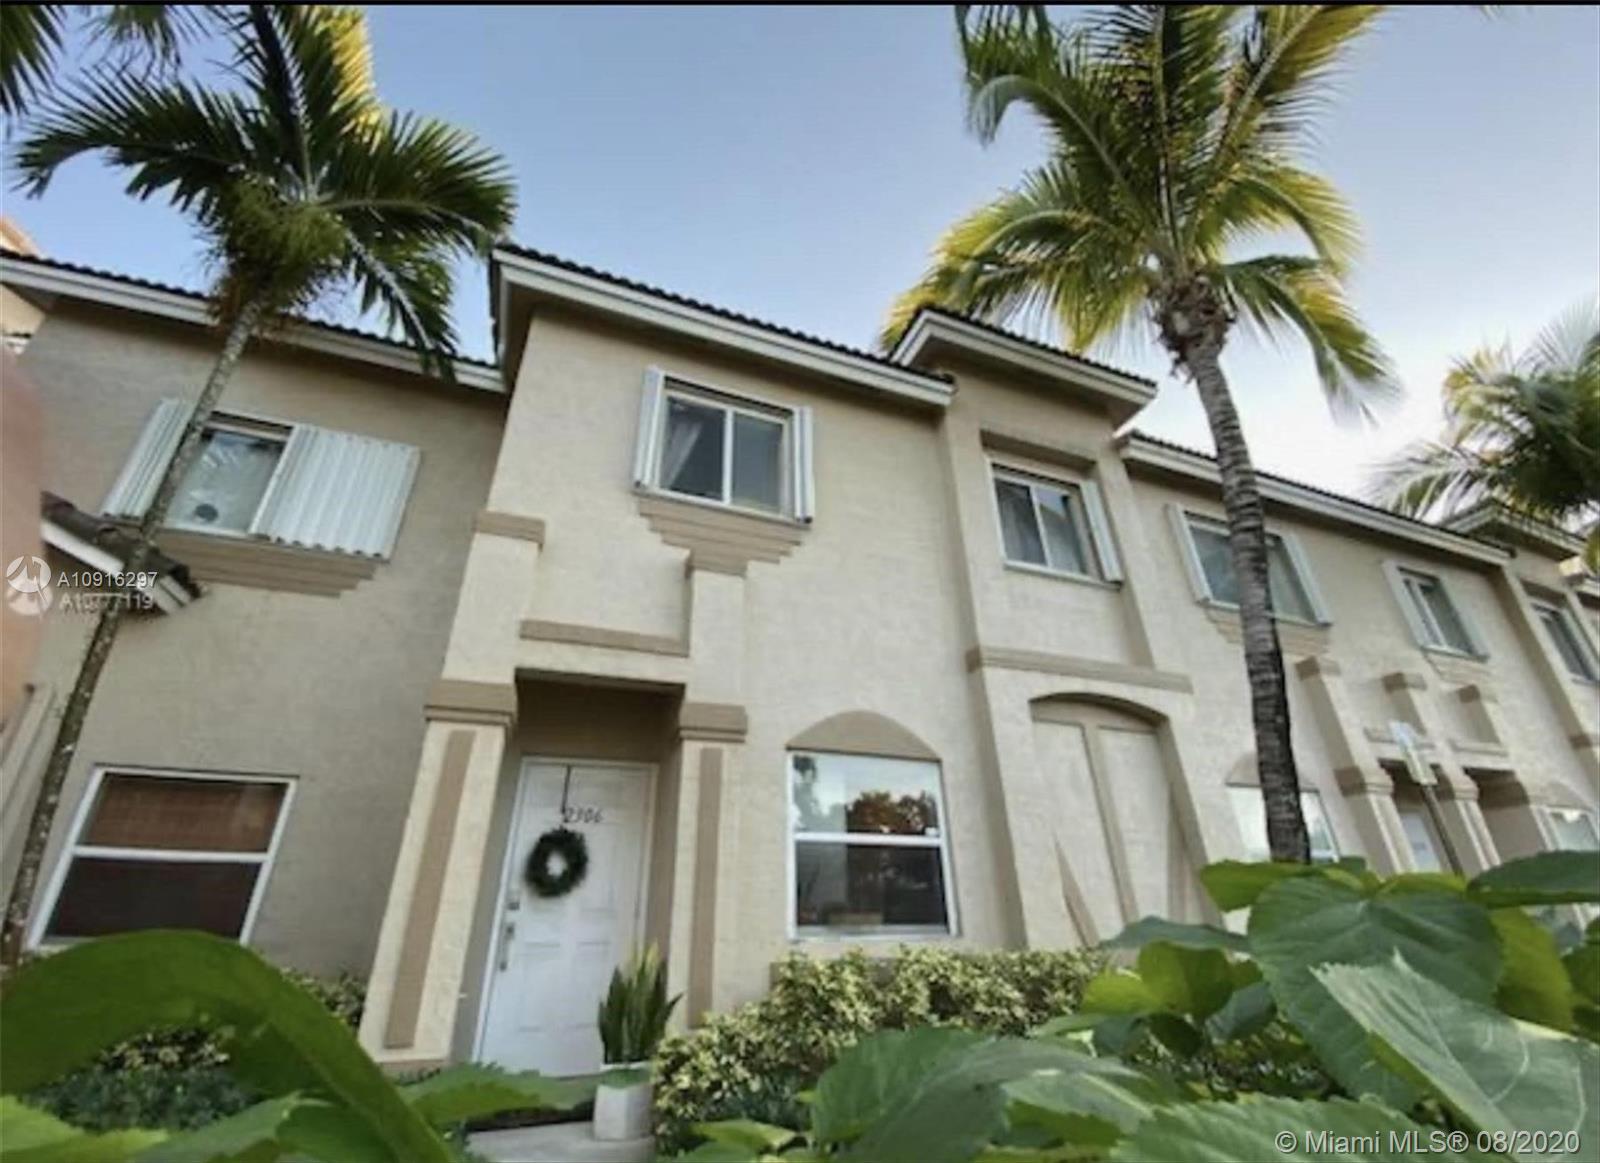 2306 Se 24th Ave #2306 Property Photo